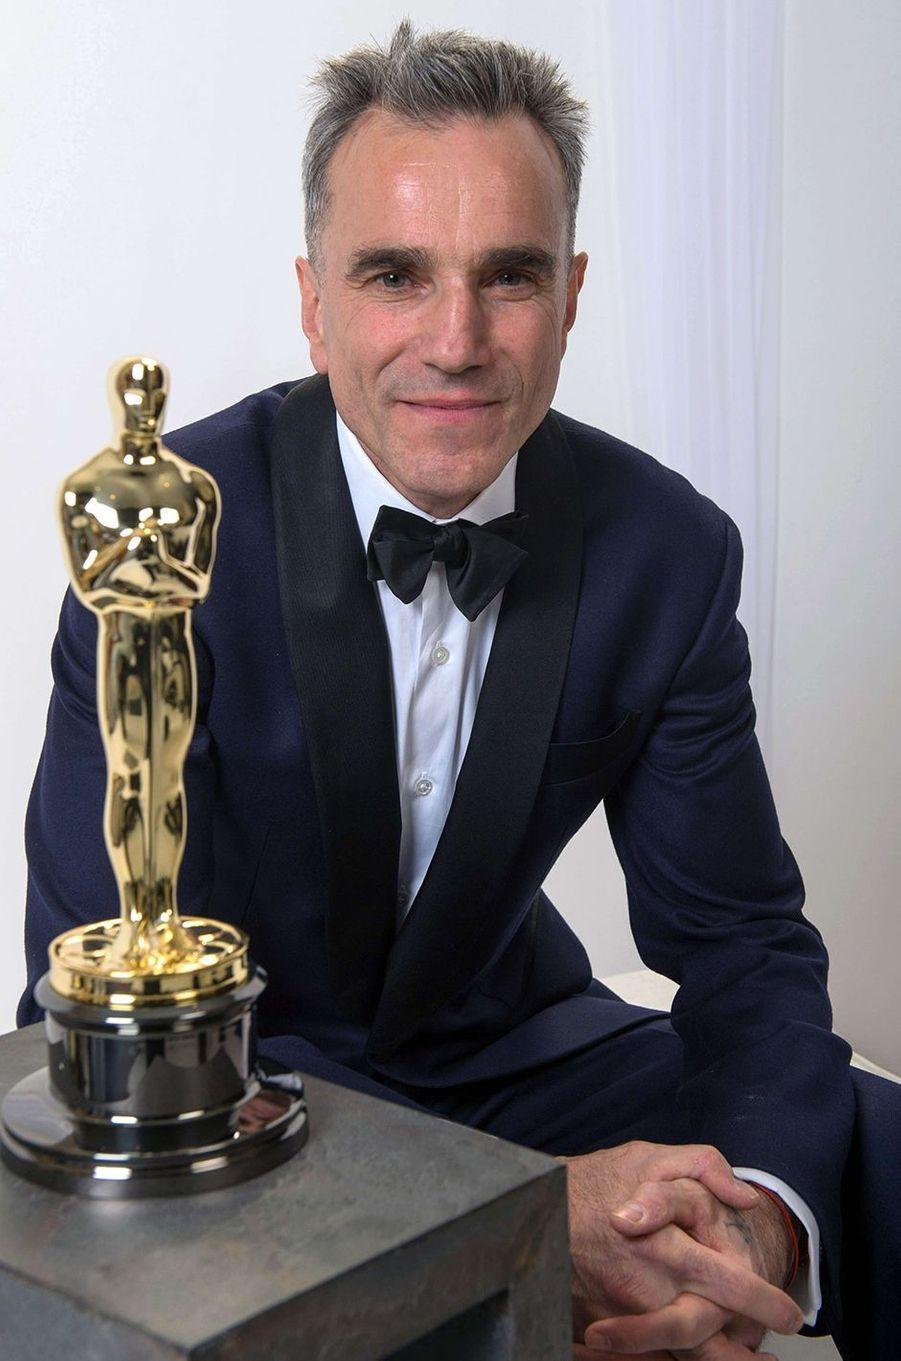 """Daniel Day-Lewis avec son troisième Oscar du Meilleur acteur pour sa prestation dans """"Lincoln""""."""